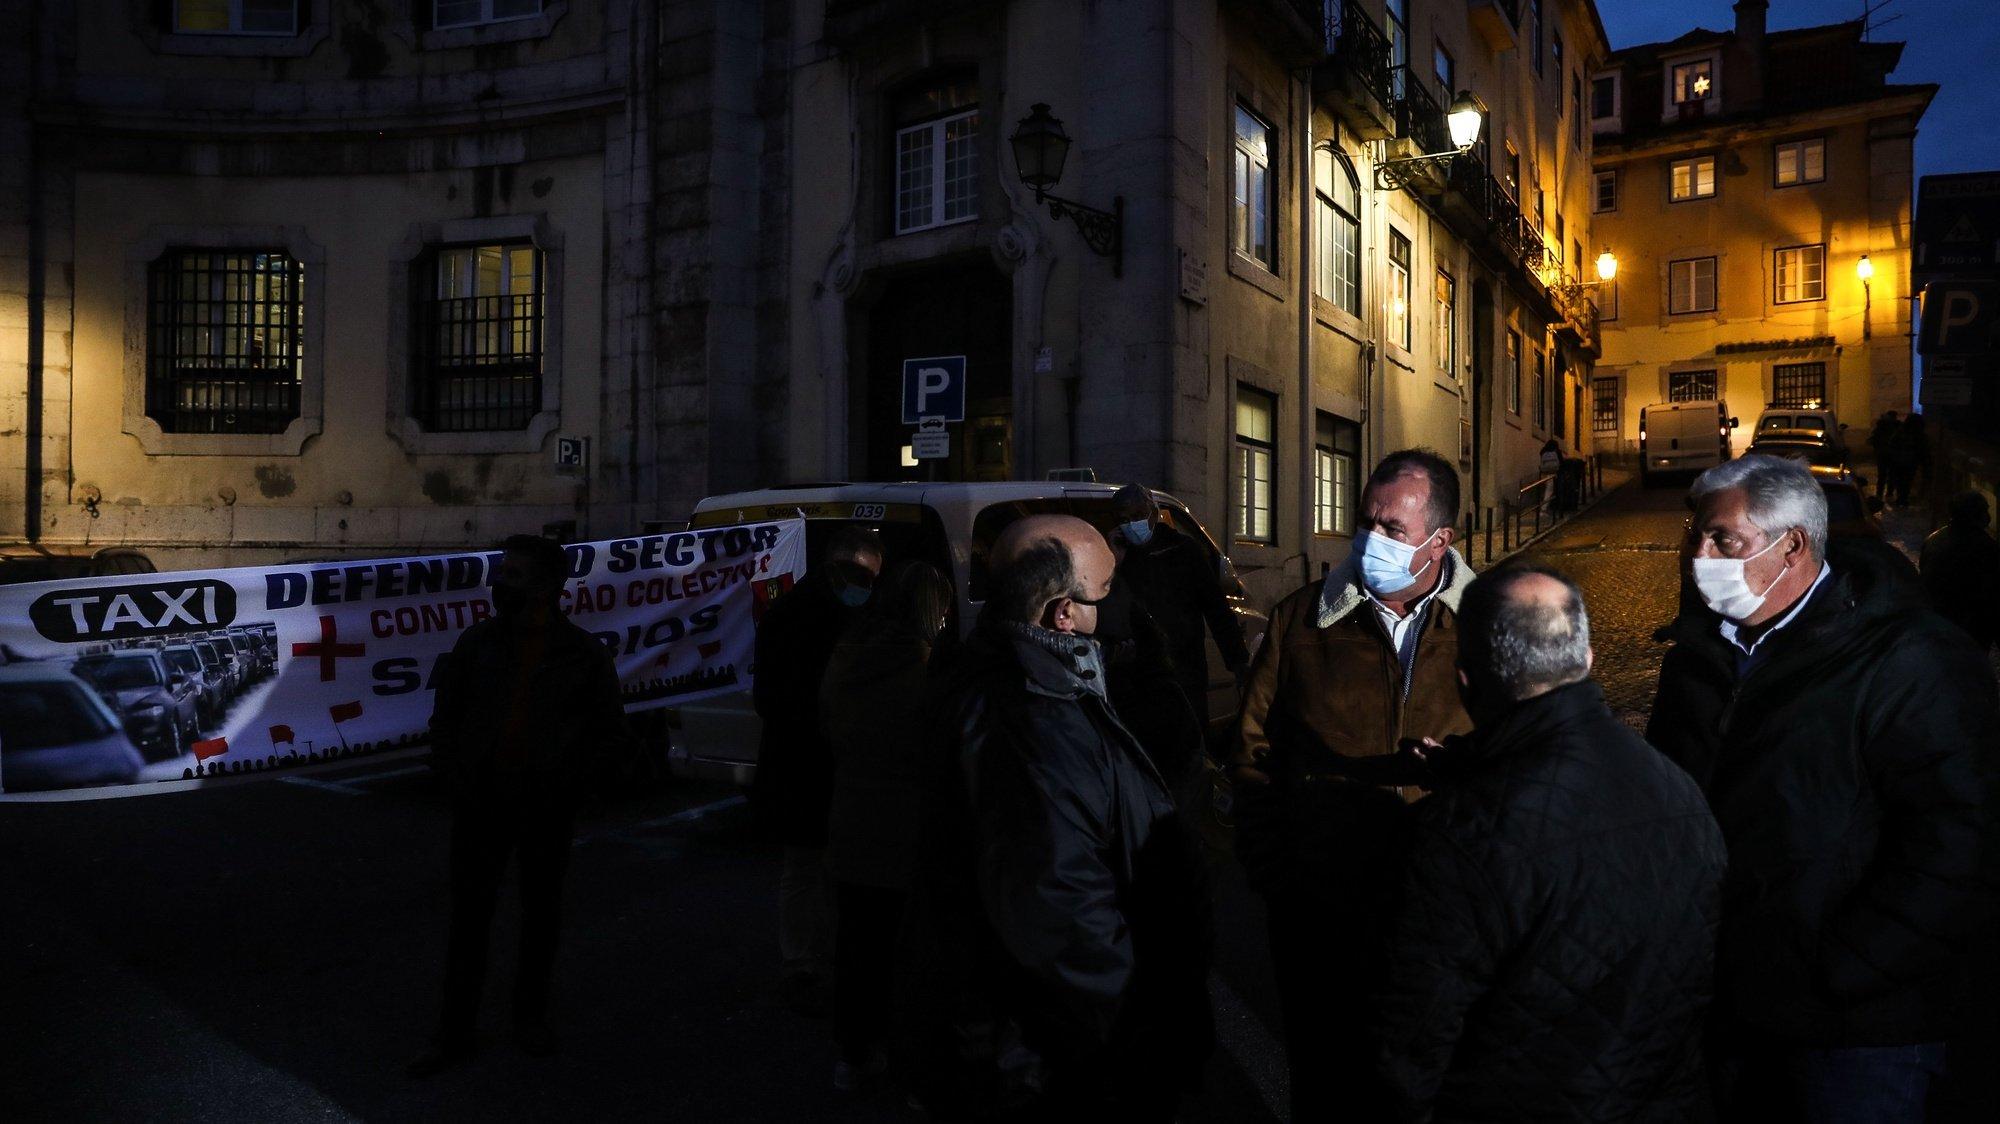 Taxistas participam numa vigília promovida pela Fectrans - Federação dos Sindicatos dos Transportes e Comunicações, pela defesa do setor dos transportes, frente ao Ministério do Ambiente, em Lisboa, 18 de dezembro de 2020. MÁRIO CRUZ/LUSA